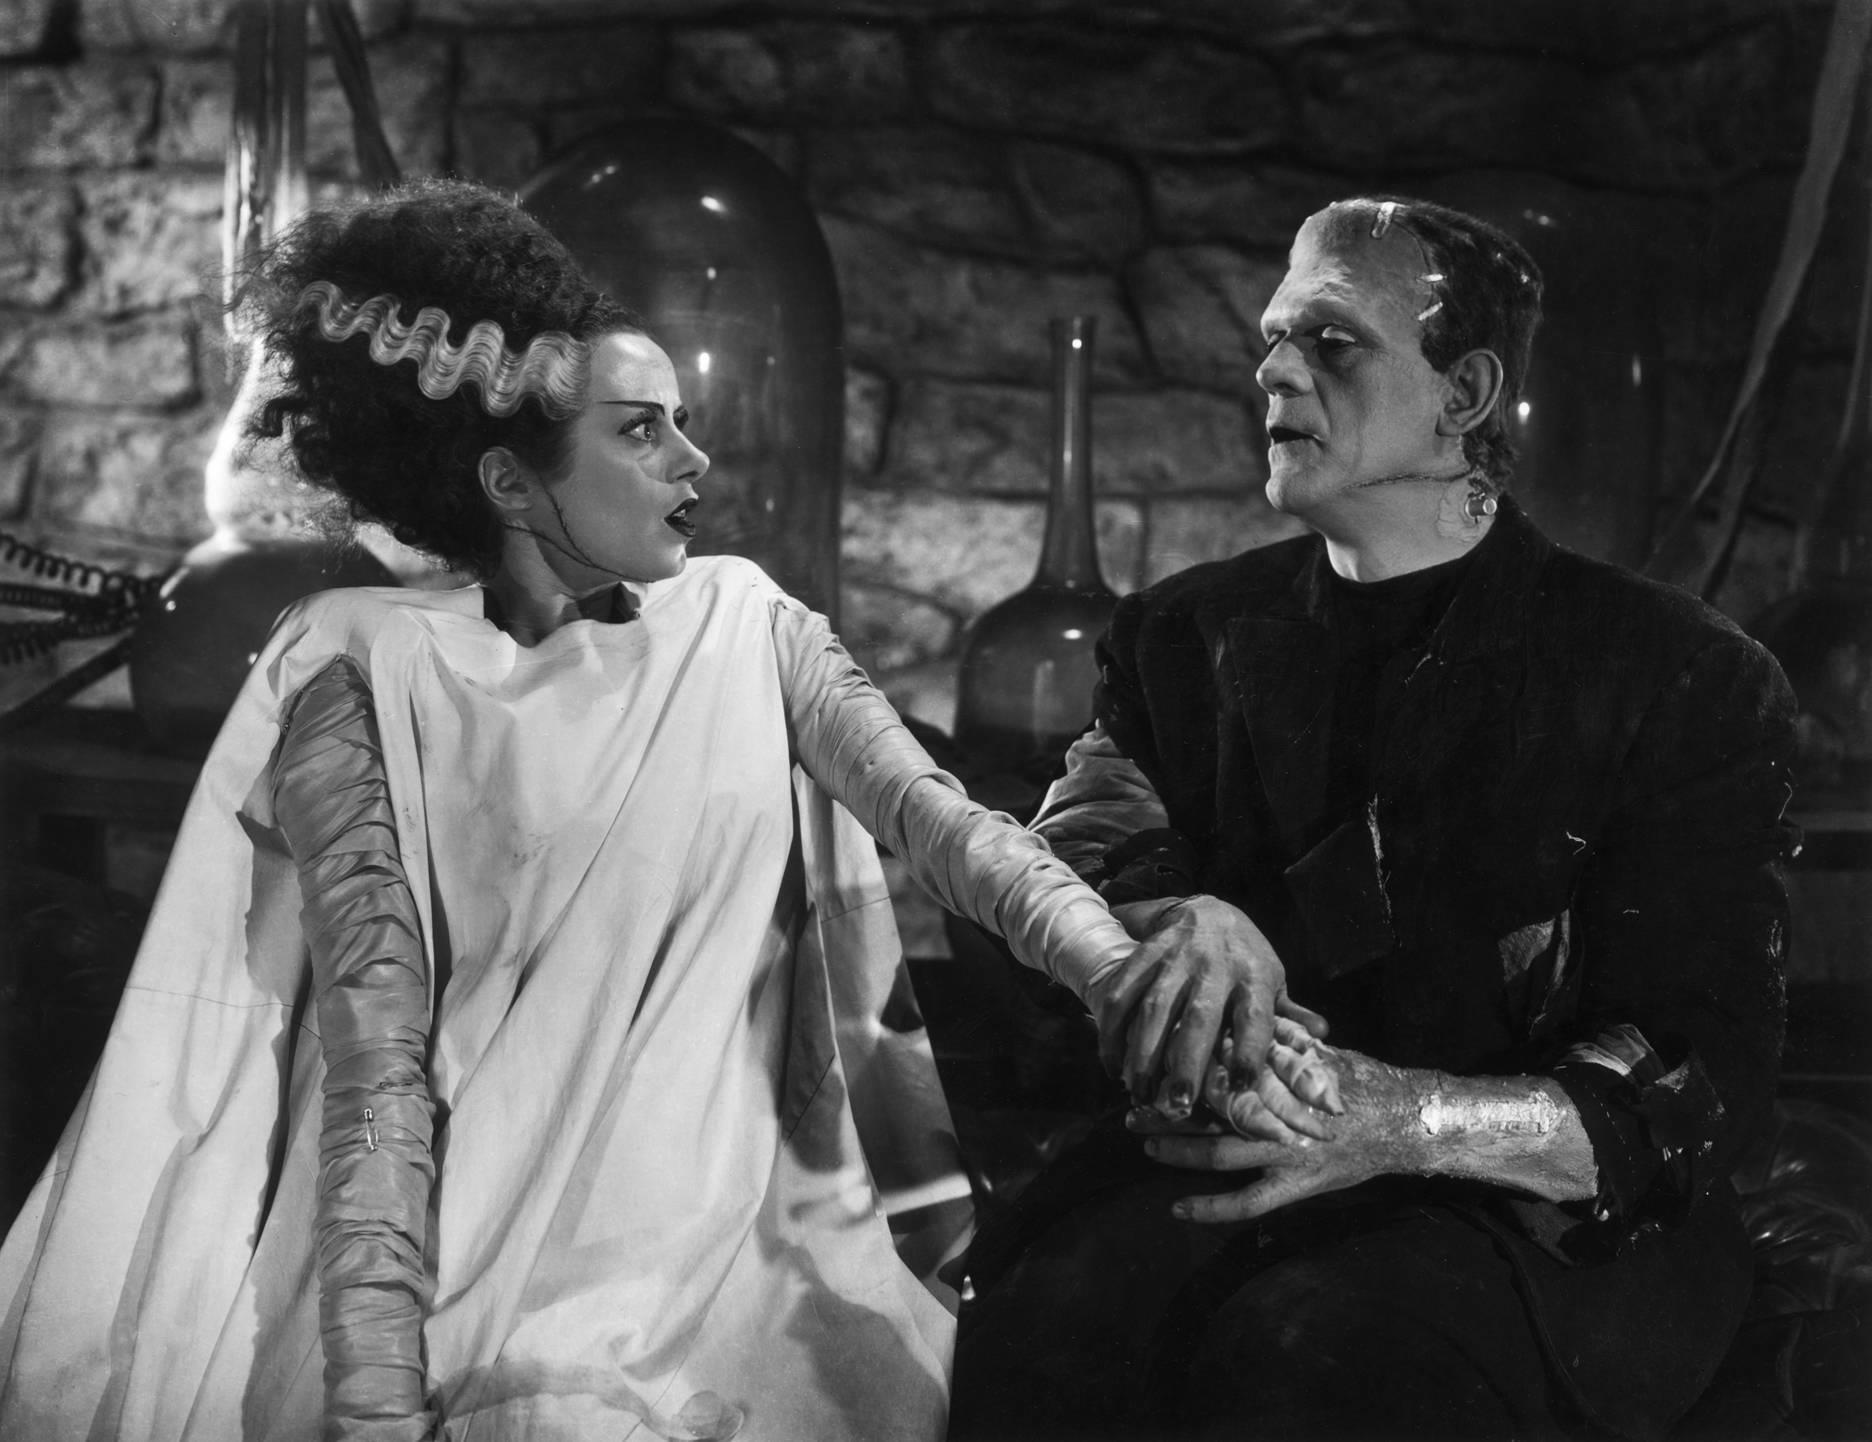 Il cult La moglie di Frankenstein con Elsa Lanchester avrà un remake con Angelina Jolie